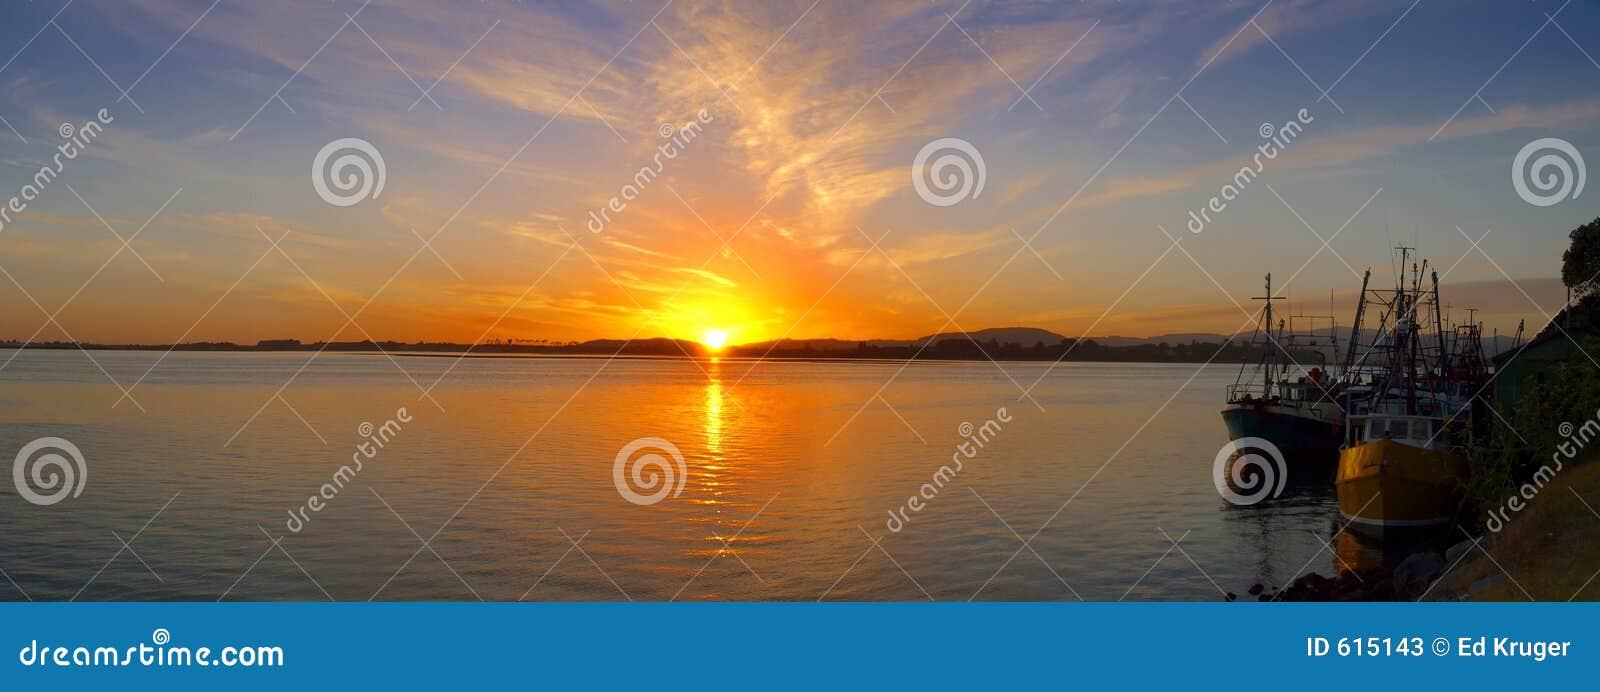 Vroege ochtend - zonsopgang over de visserij van haven